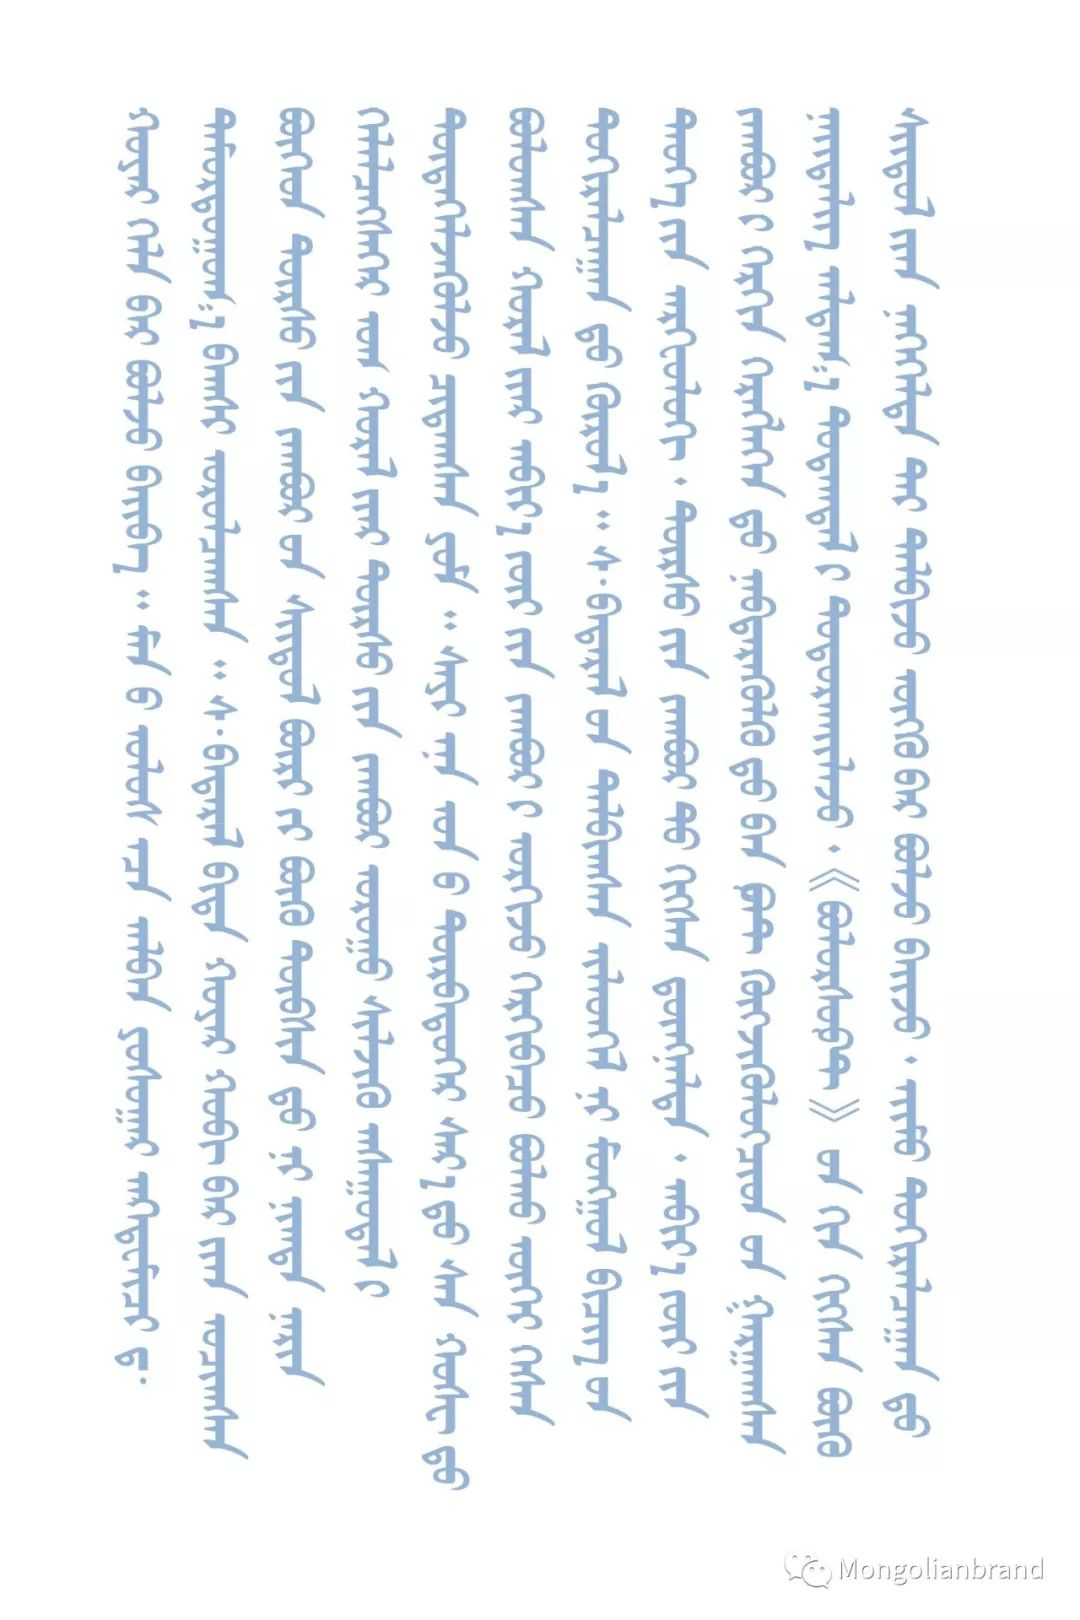 蒙古字体设计专家Jamiyansuren:让每个蒙古人掌握传统蒙古文是我们的终极目标 第5张 蒙古字体设计专家Jamiyansuren:让每个蒙古人掌握传统蒙古文是我们的终极目标 蒙古文化